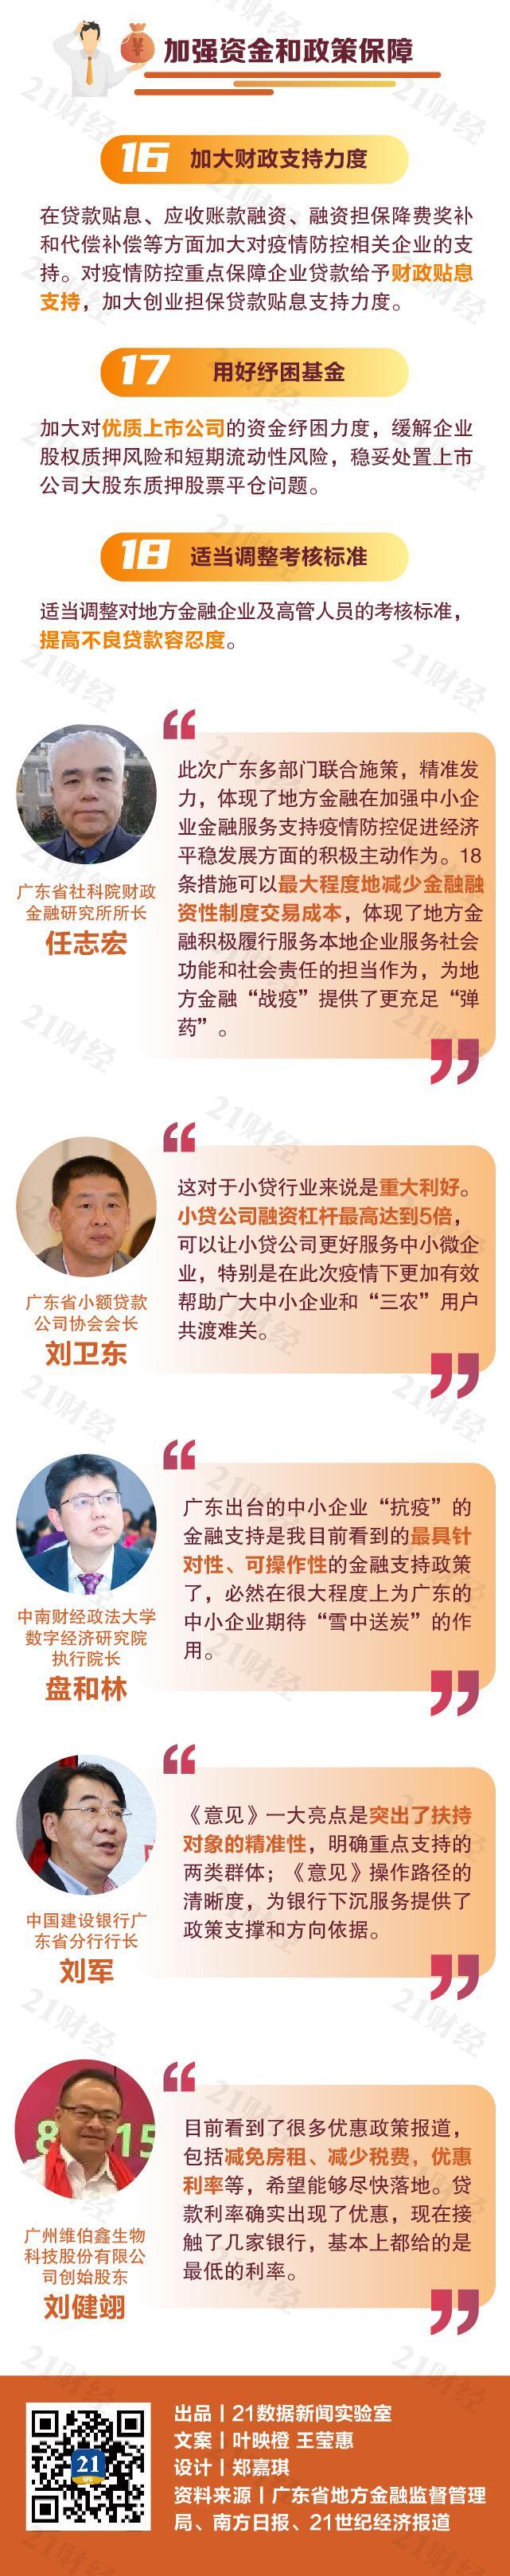 图解 重大利好!广东推18条中小企业金融支持政策